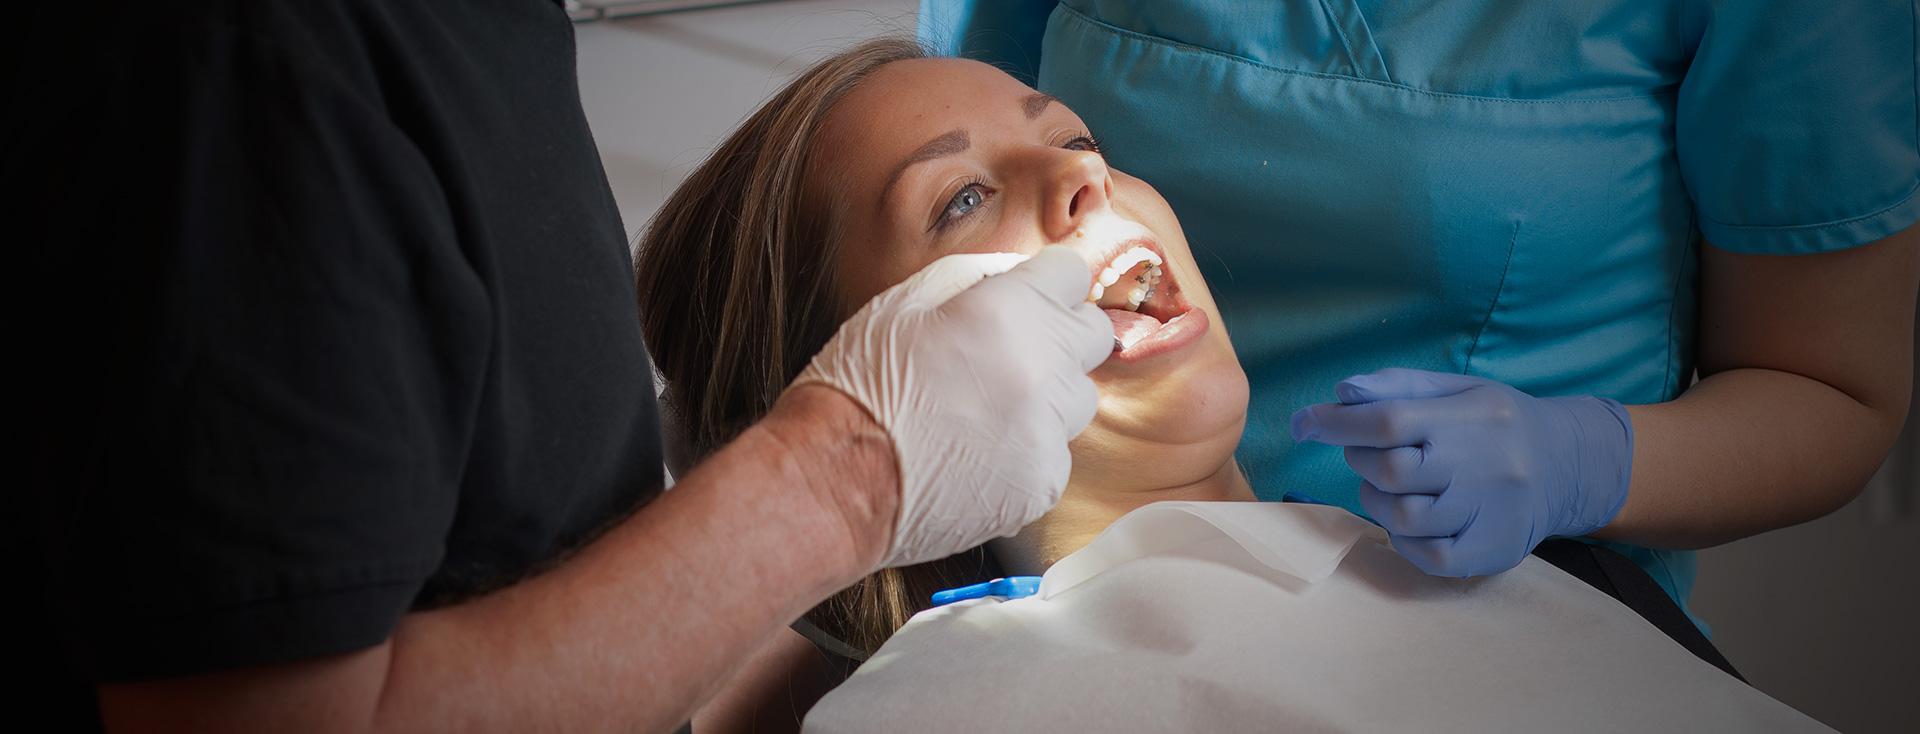 hvor mange tenner har et vont menneske norsk pr